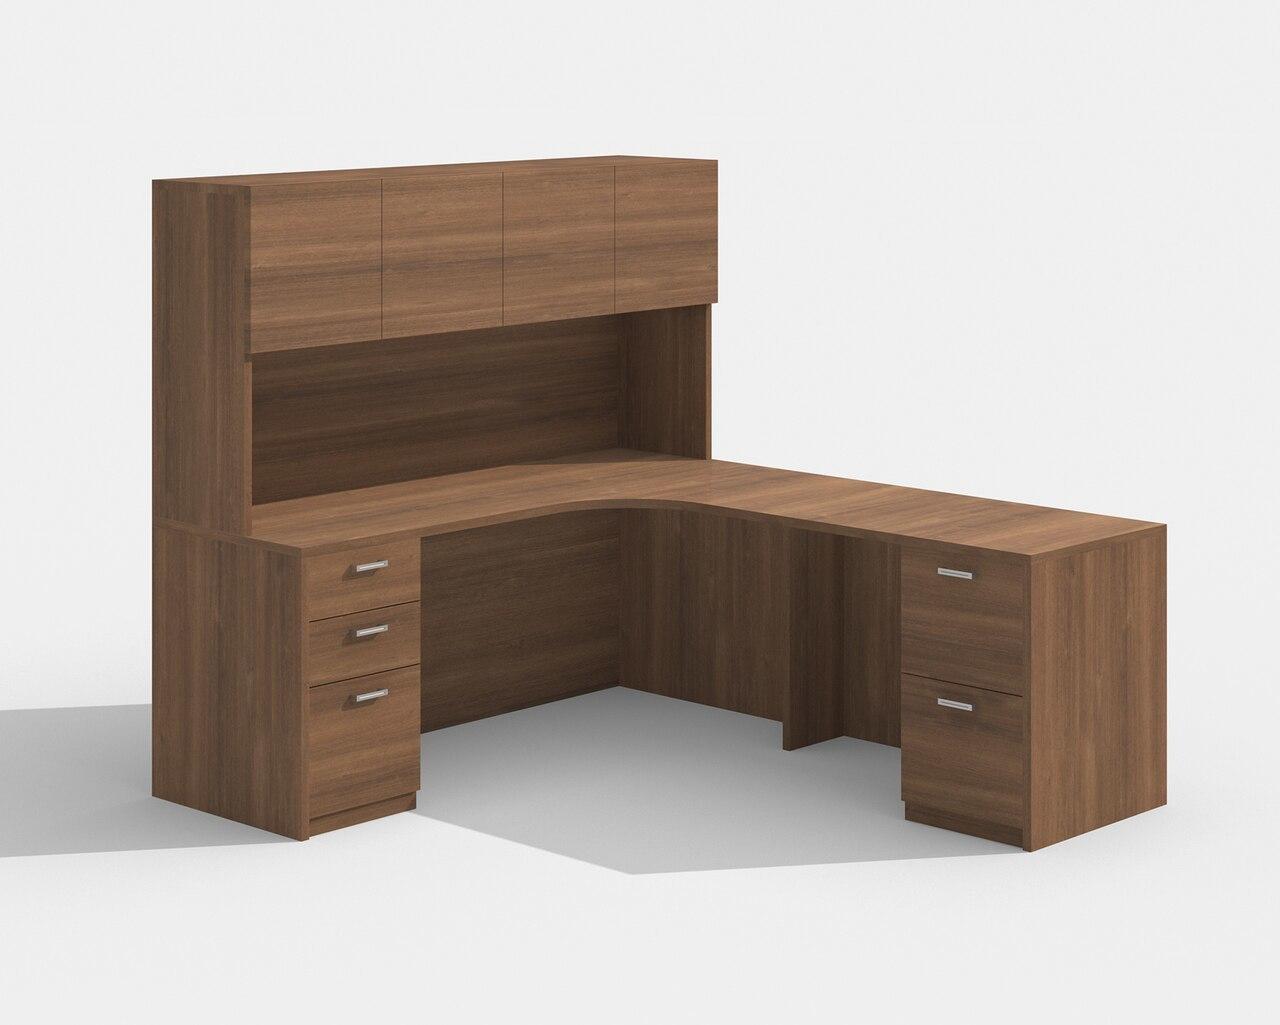 cherryman am-343 l desk with a426 hutch in walnut